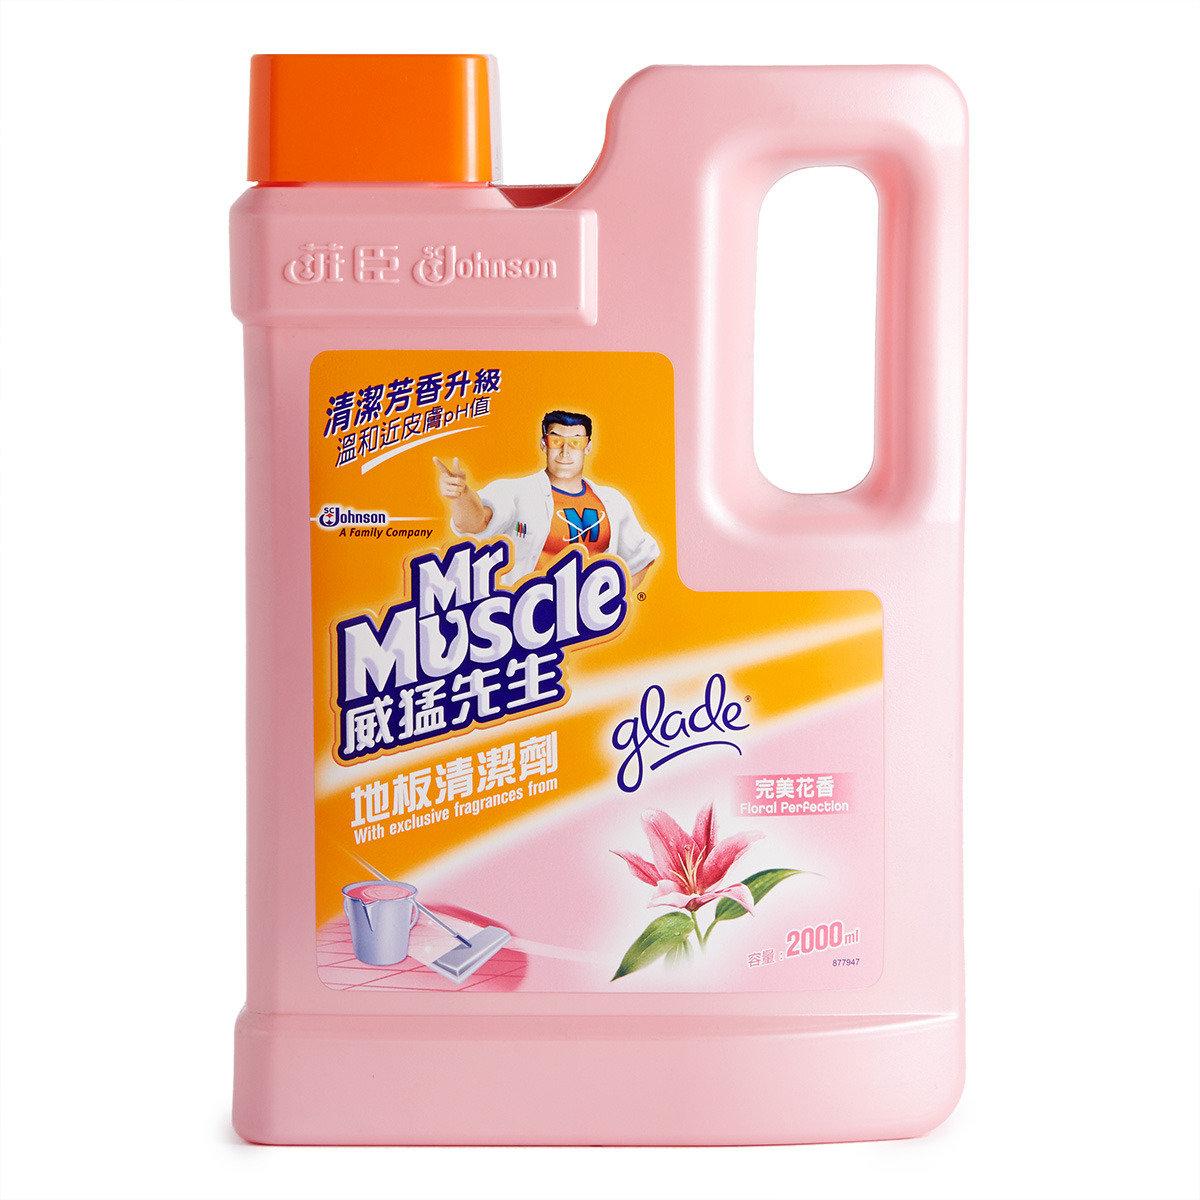 地板清潔消毒劑 (完美花香)